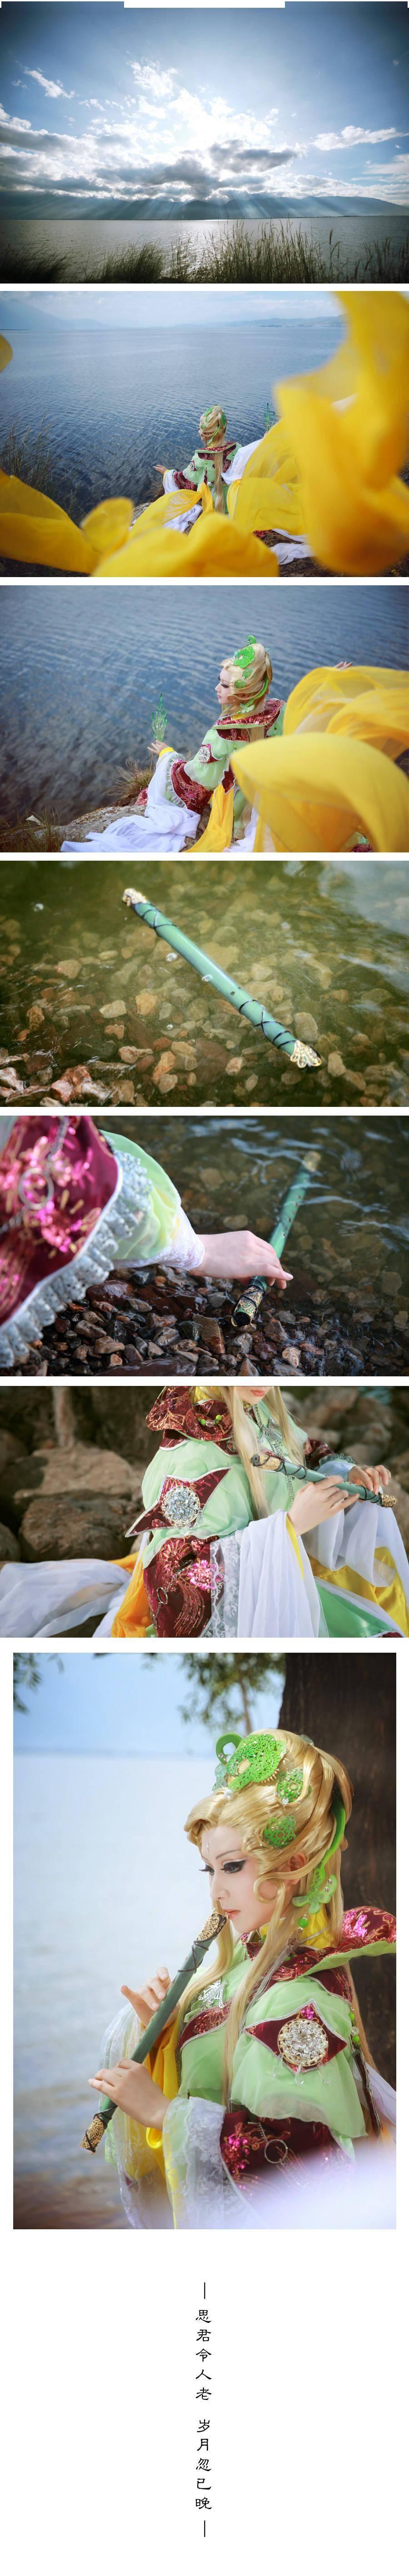 霹雳布袋戏击珊瑚Cosplay